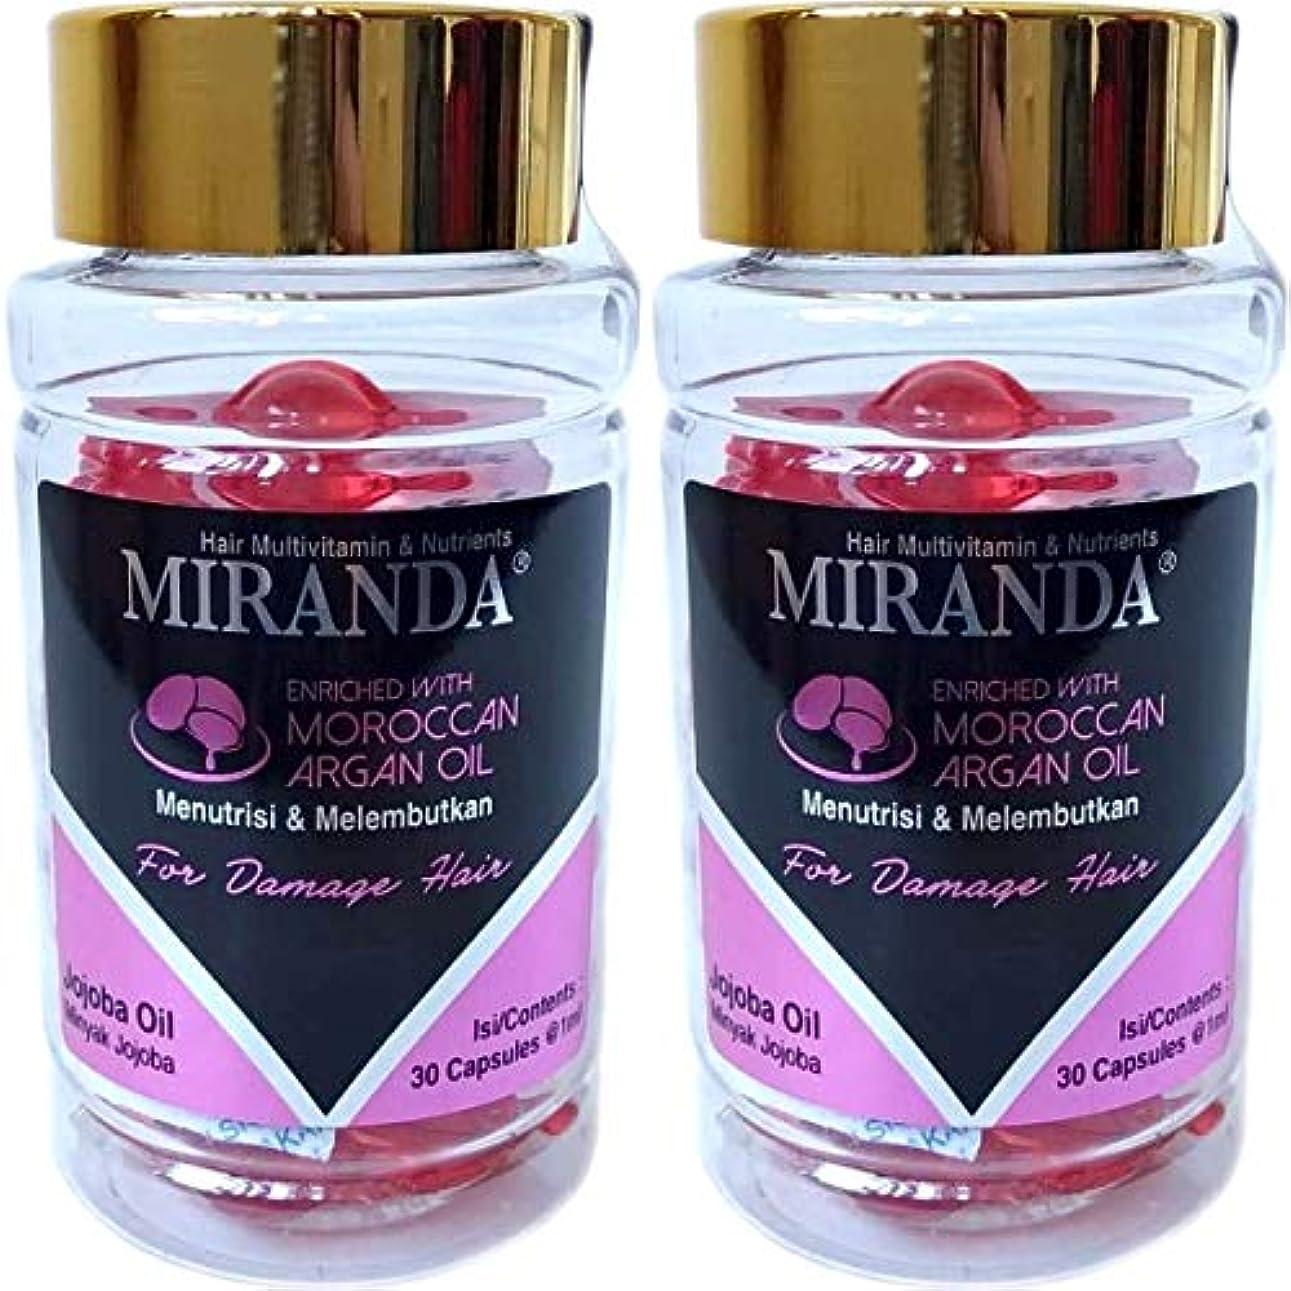 コードパットメイエラMIRANDA ミランダ Hair Multivitamin&Nutrients ヘアマルチビタミン ニュートリエンツ 洗い流さないヘアトリートメント 30粒入ボトル×2個セット Jojoba oil ホホバオイル [海外直送品]